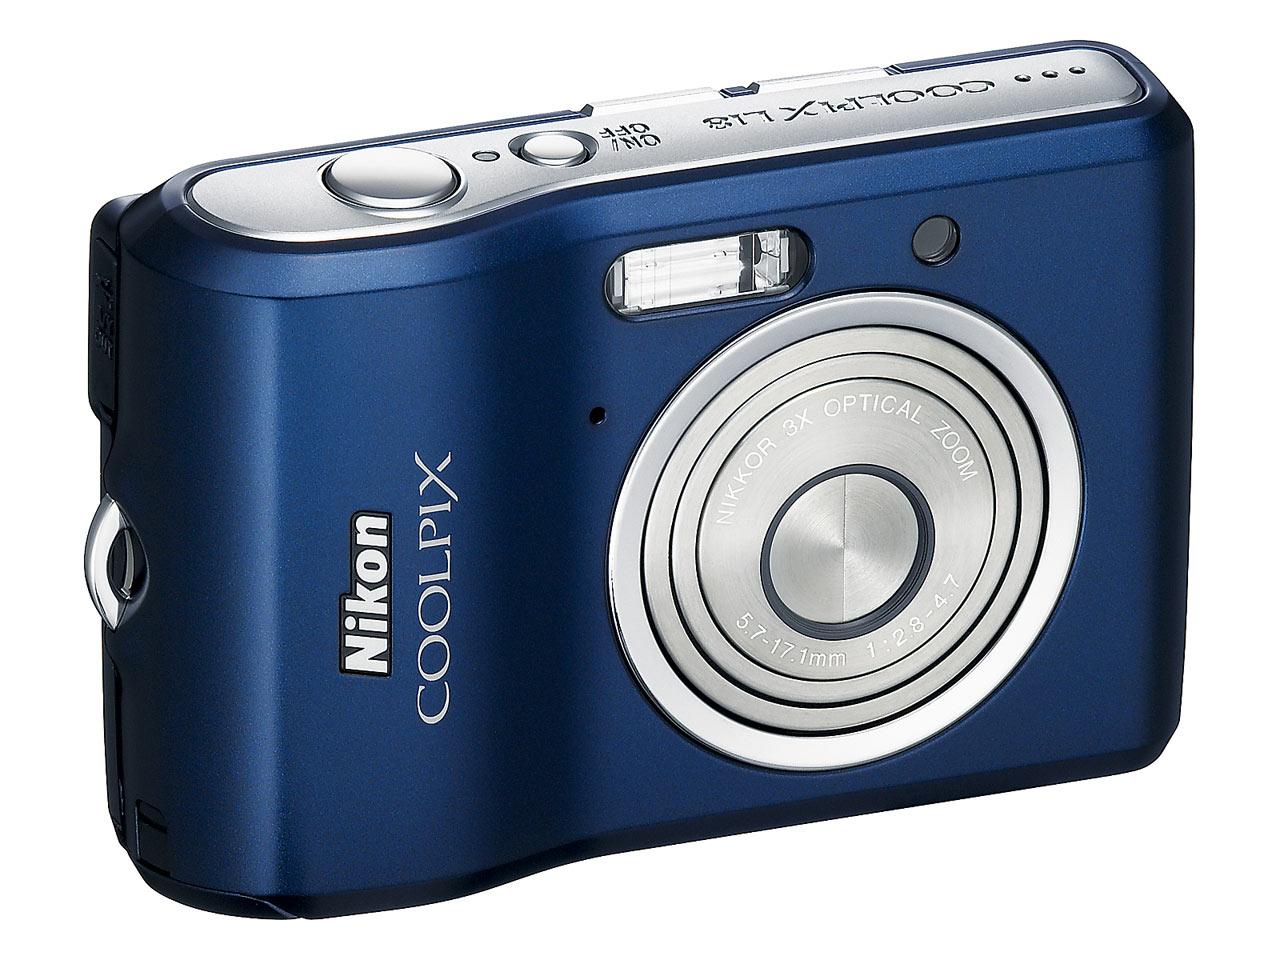 nikon coolpix l16 and l18 digital photography review rh dpreview com Nikon Coolpix Life Nikon Coolpix L16 Software